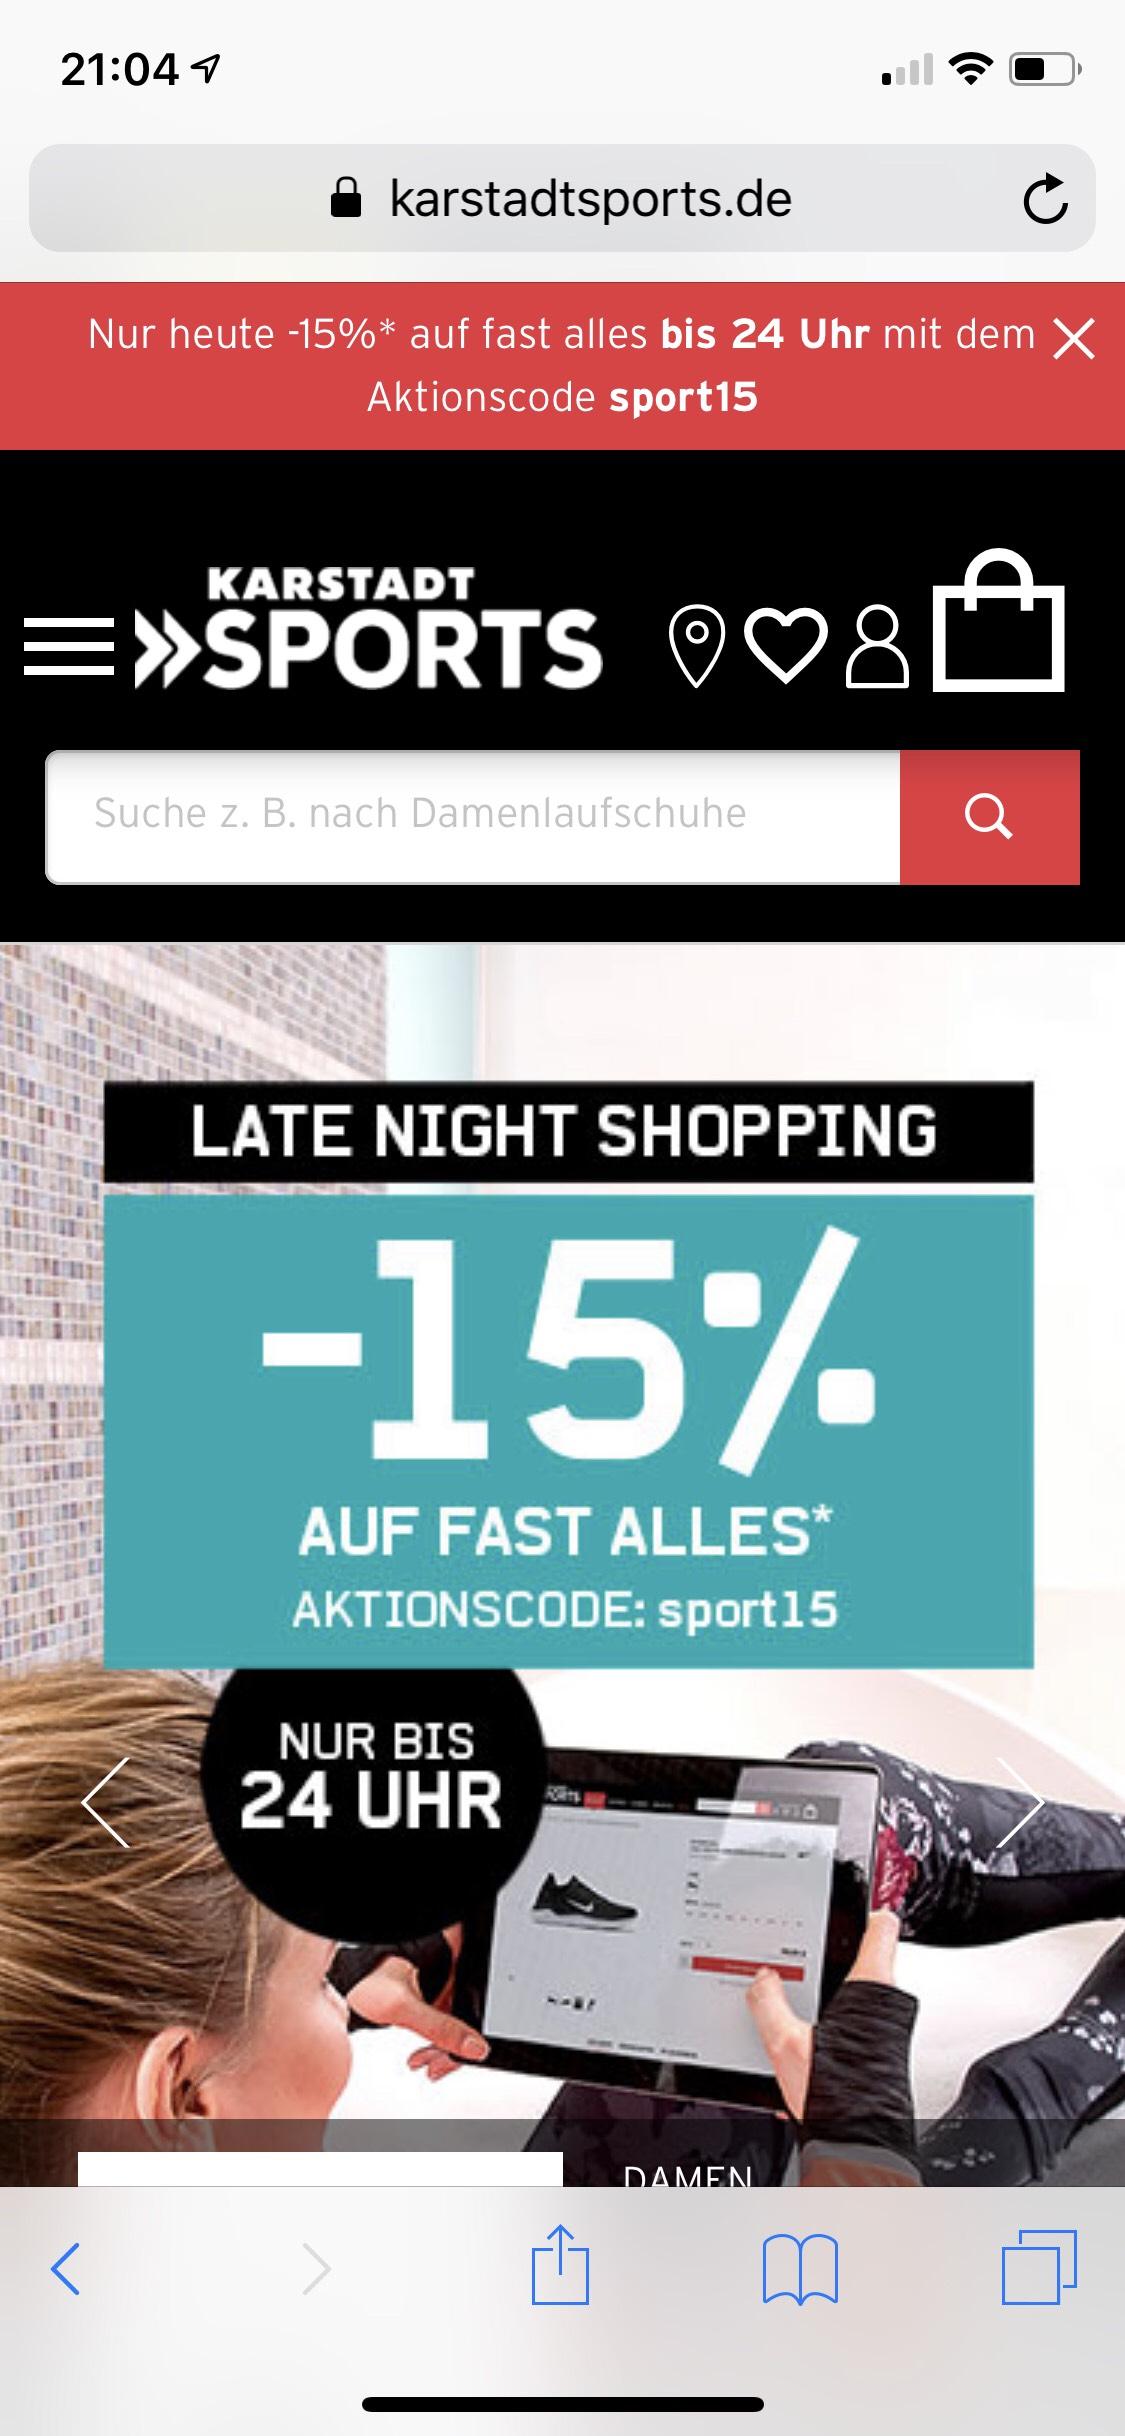 [ Karstadt Sports ] 15% auf fast alles nur heute